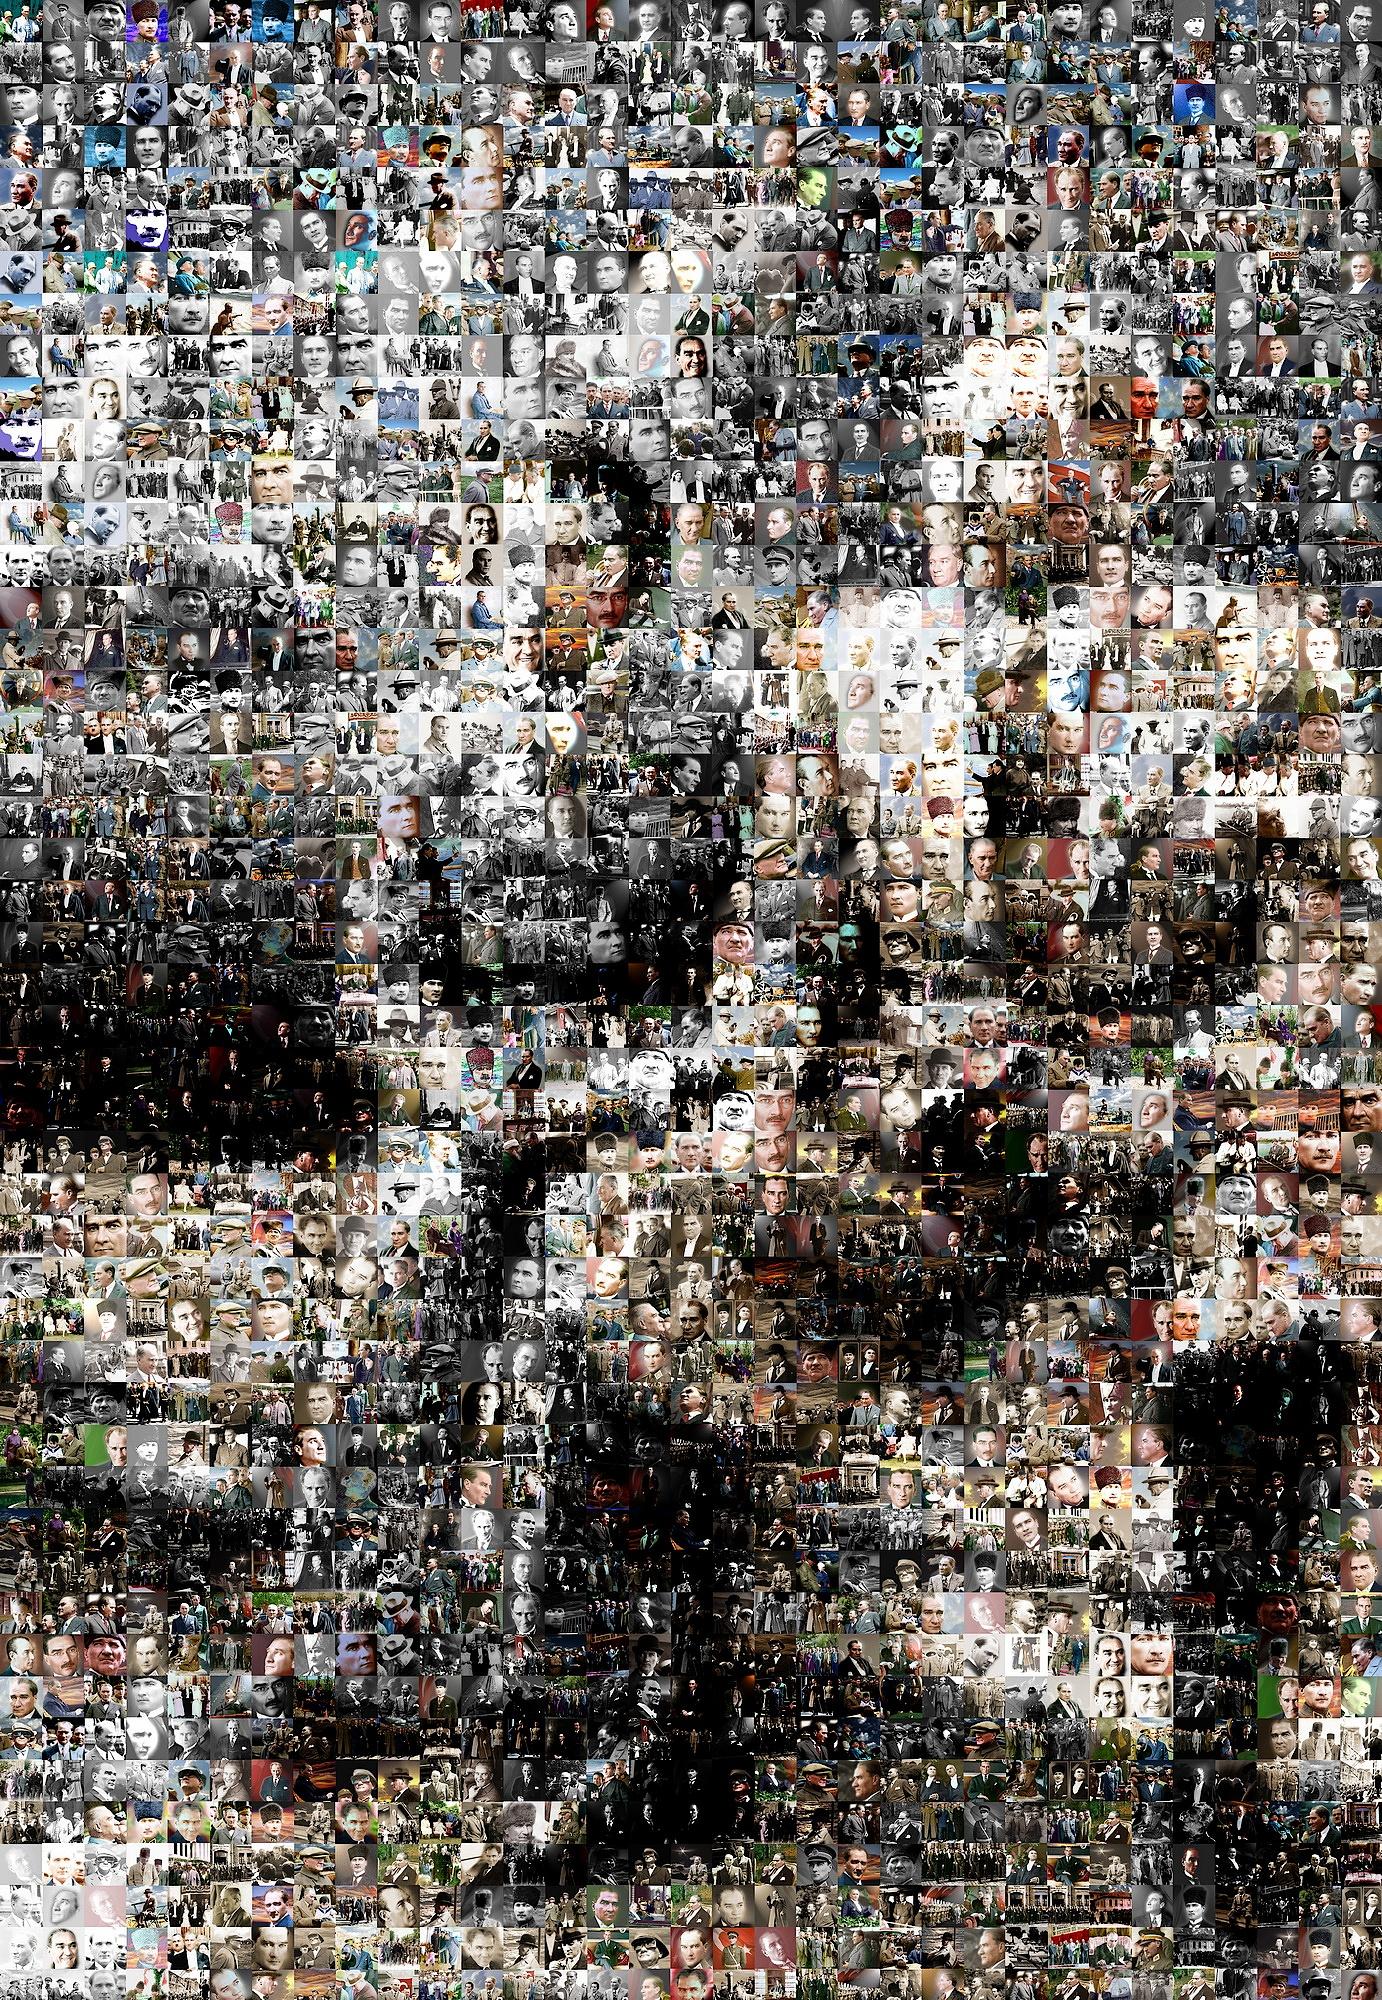 Kolaj resimden resim yapma sanat for Cochrane mural mosaic